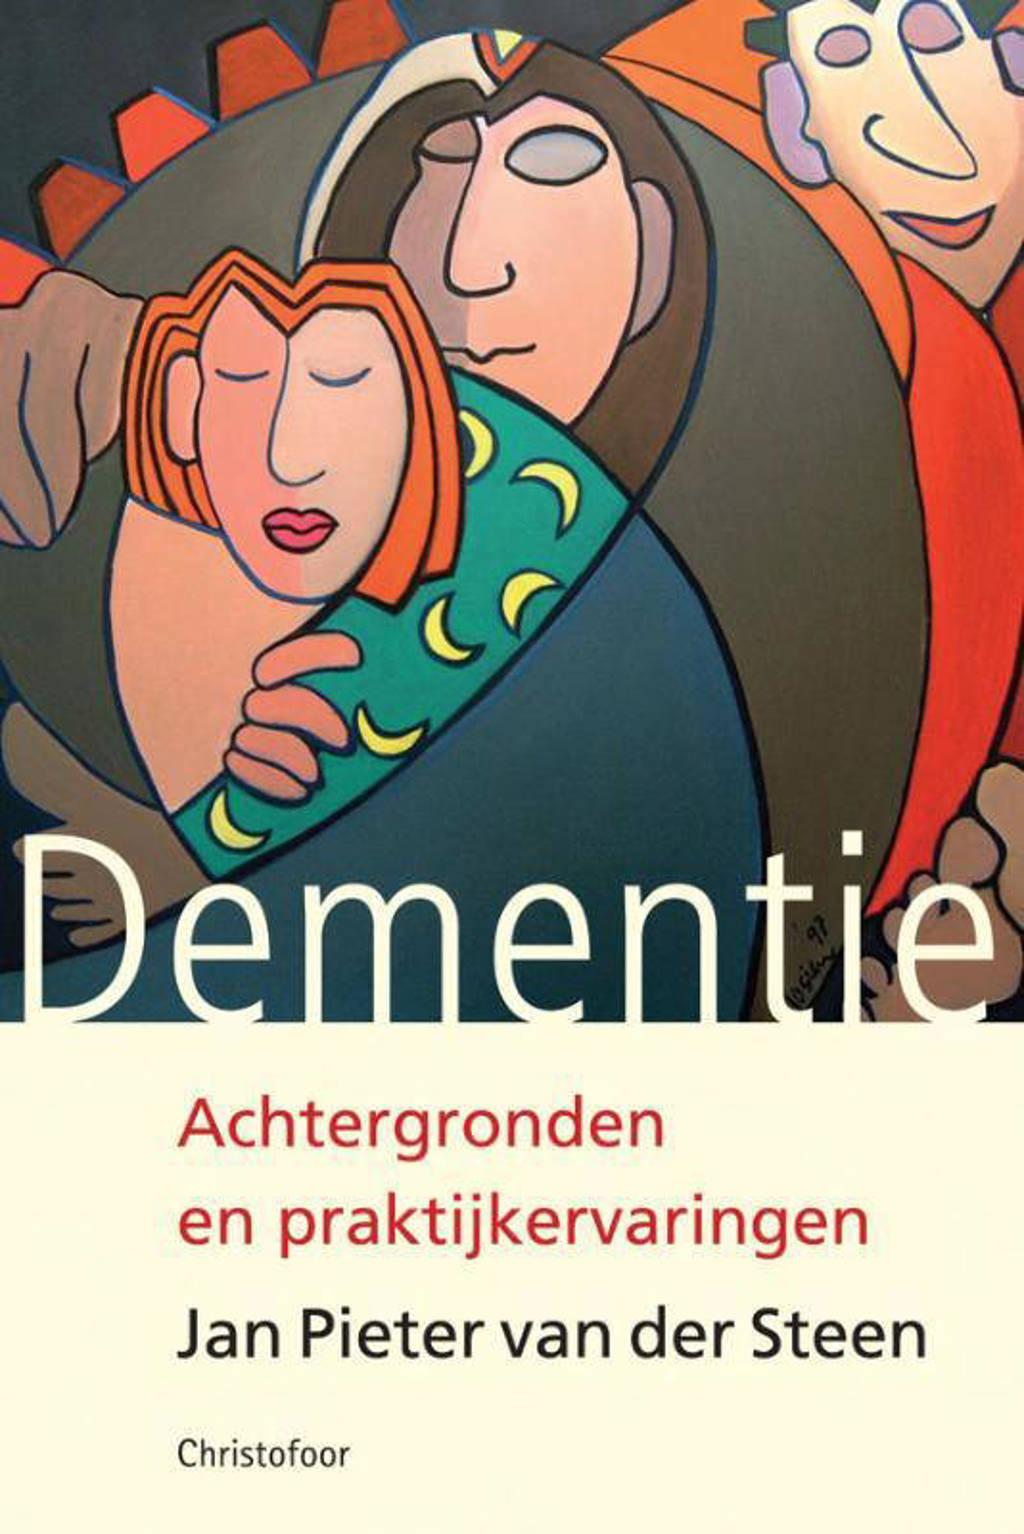 Dementie - Jan Pieter van der Steen